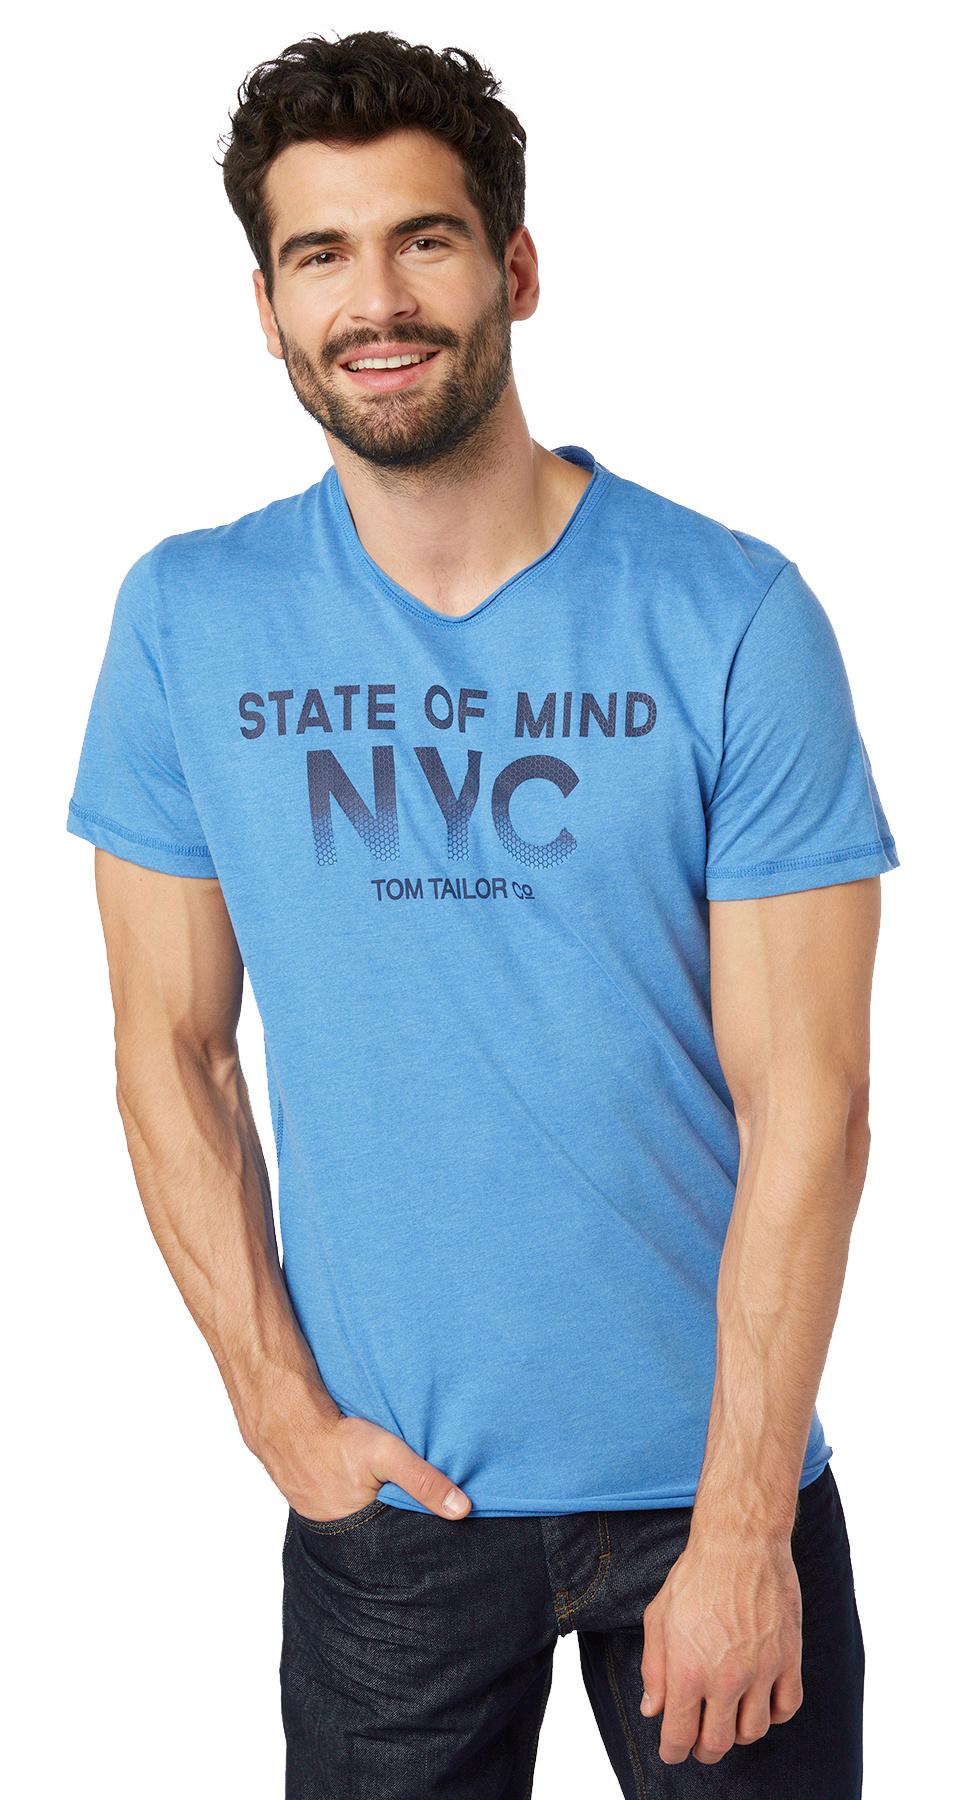 tom Tailor pánské triko 10363670010/6930 Modrá XXL